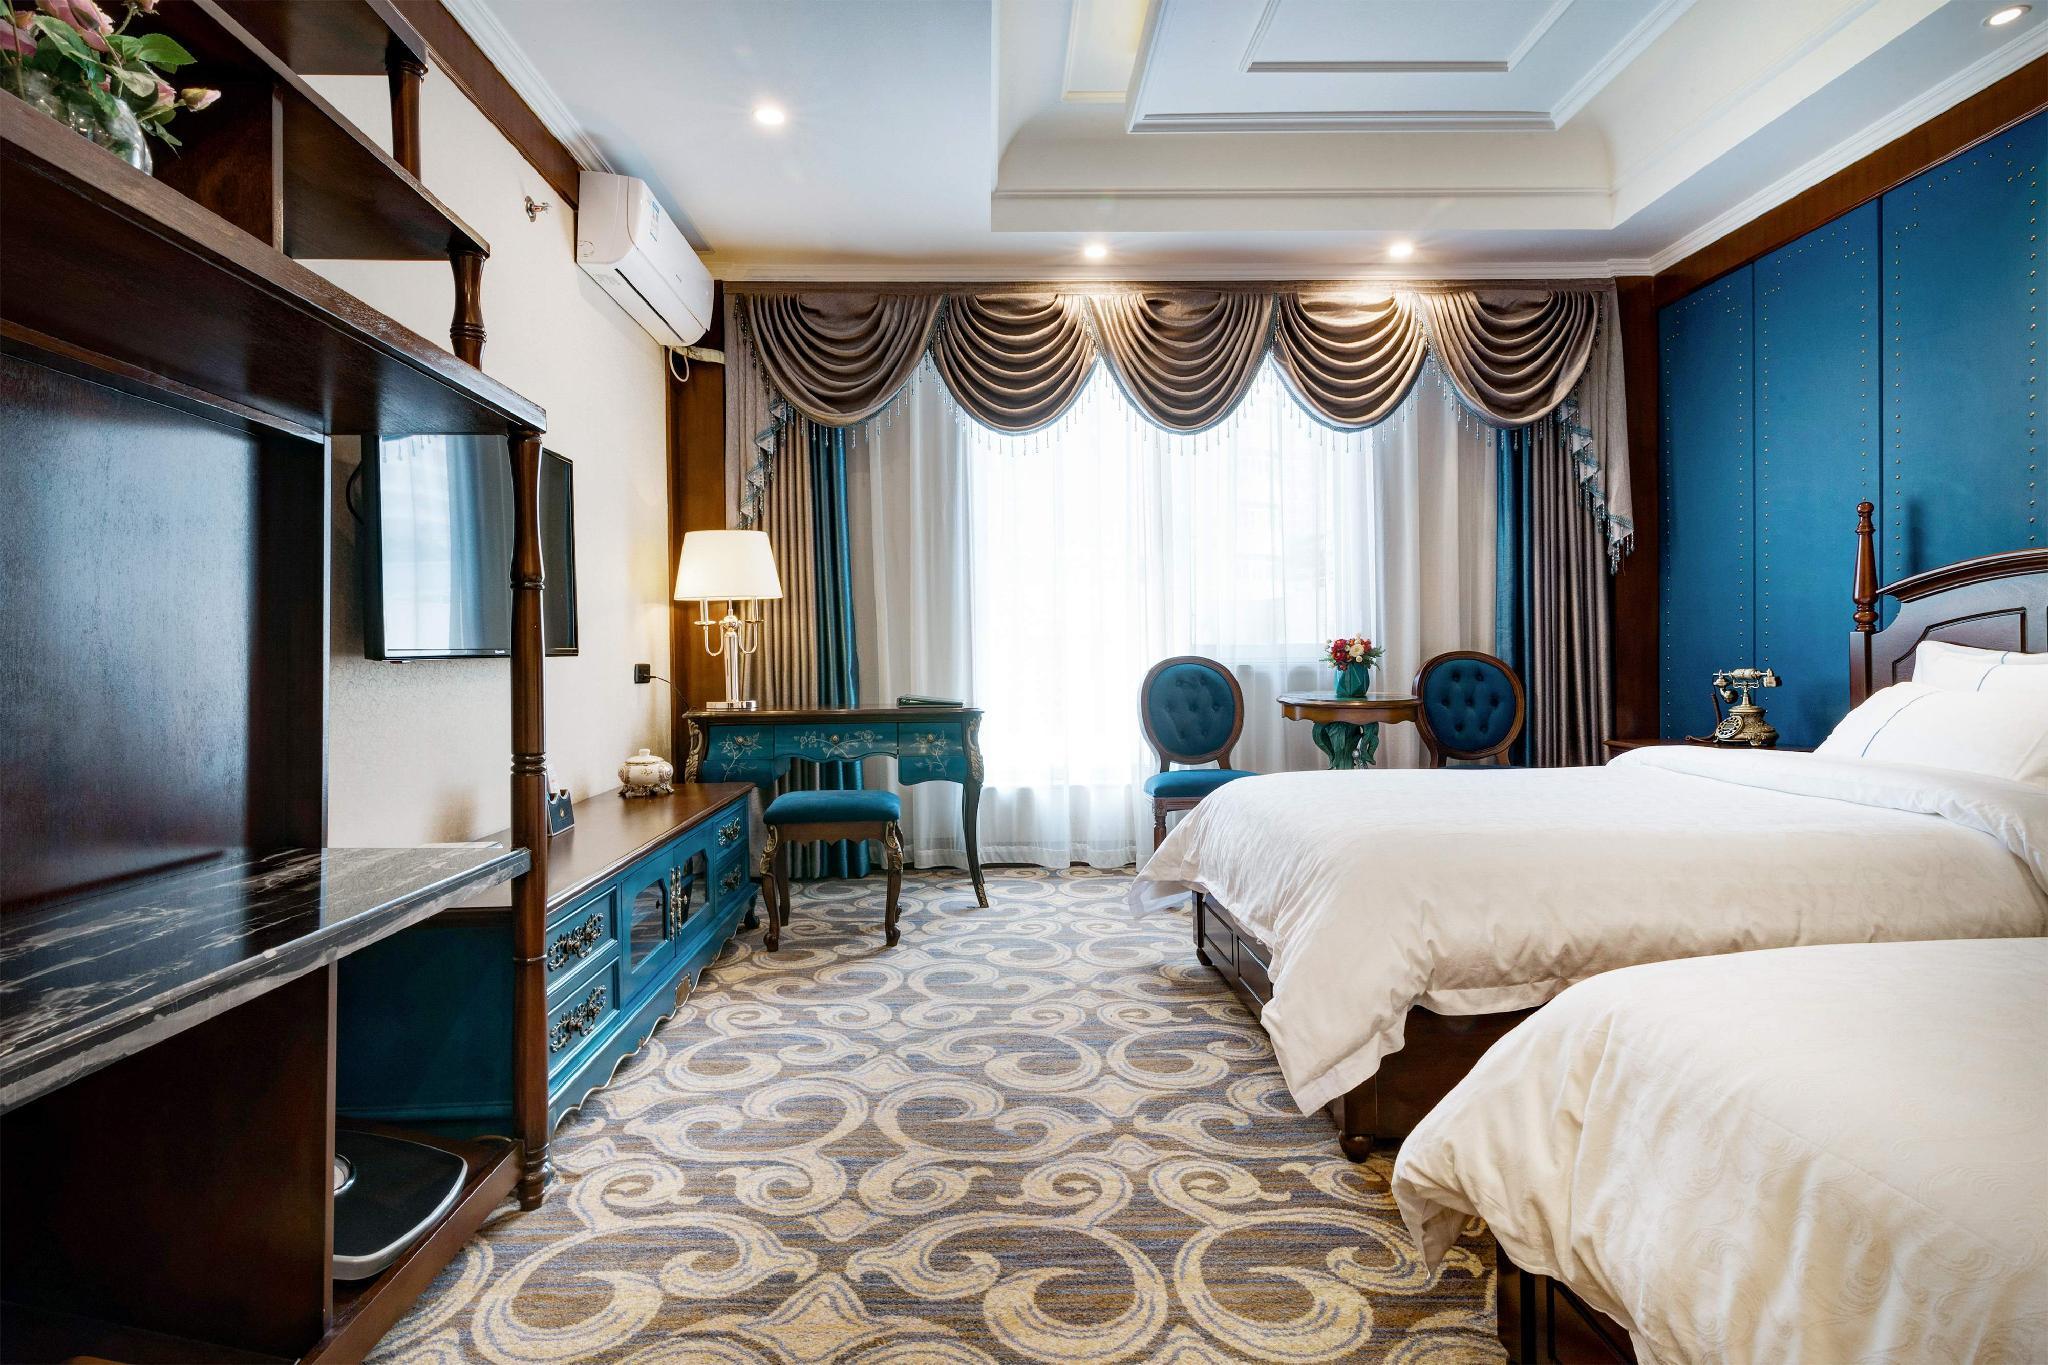 XIZHAN HOTEL